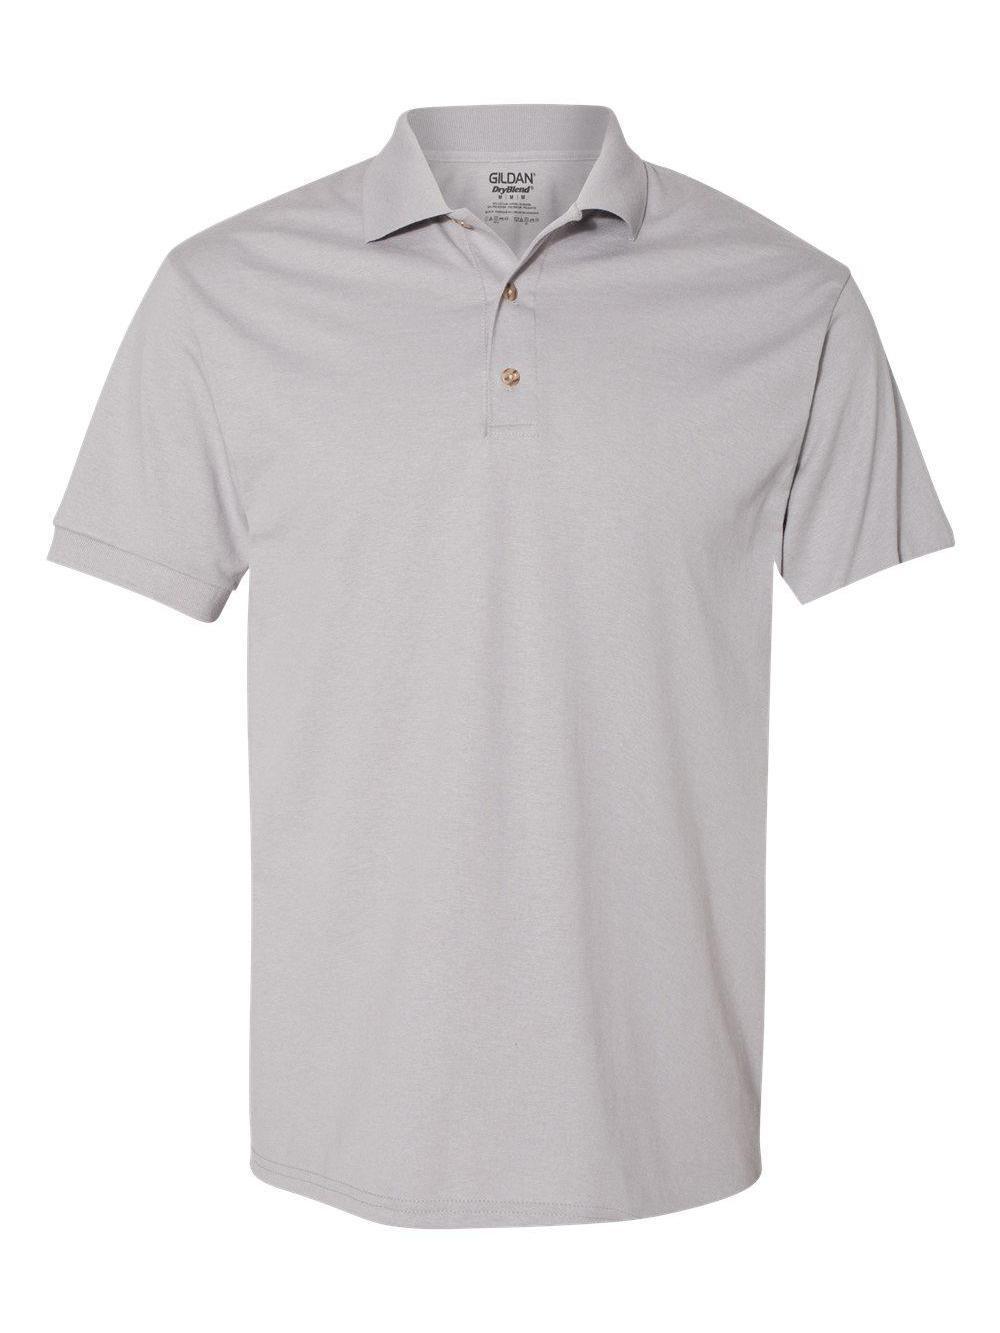 Gildan-DryBlend-Jersey-Sport-Shirt-8800 thumbnail 24